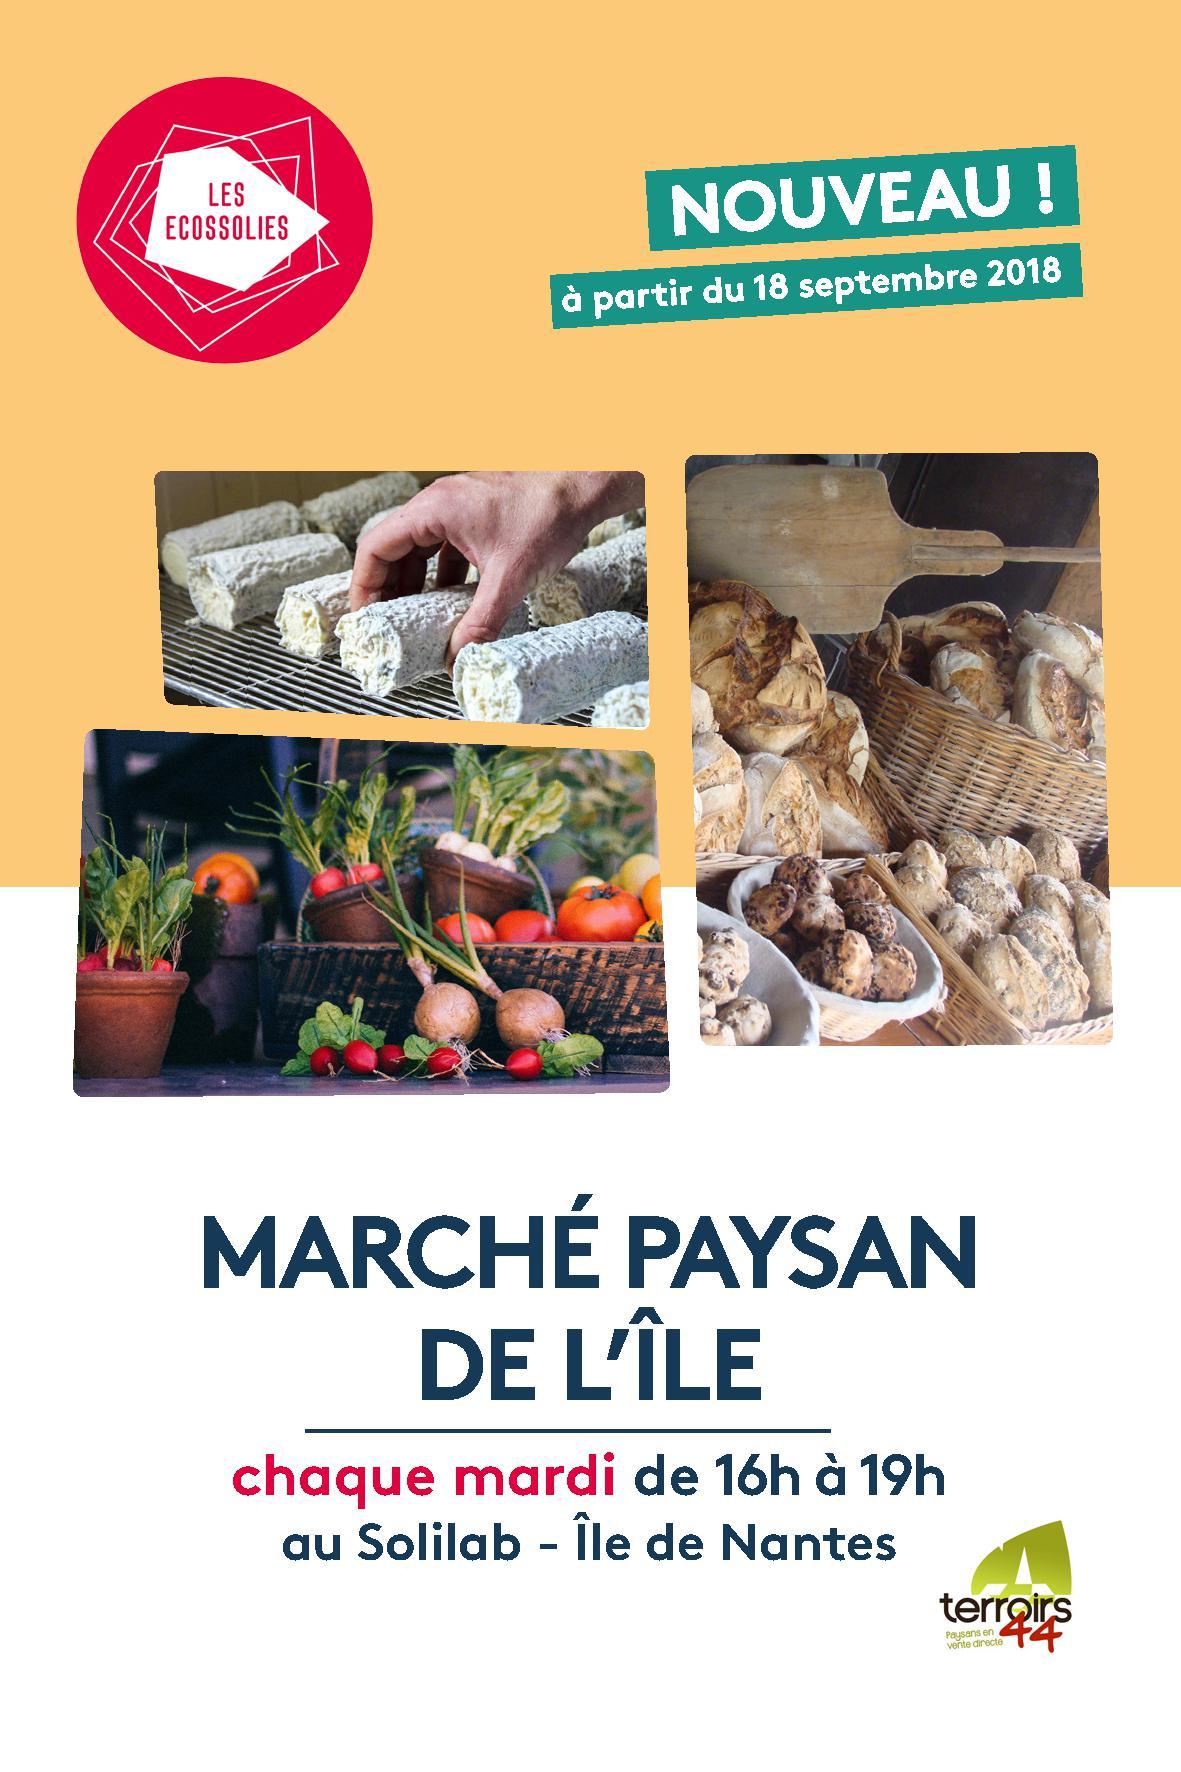 LANCEMENT du MARCHE PAYSAN DE L'ÎLE !